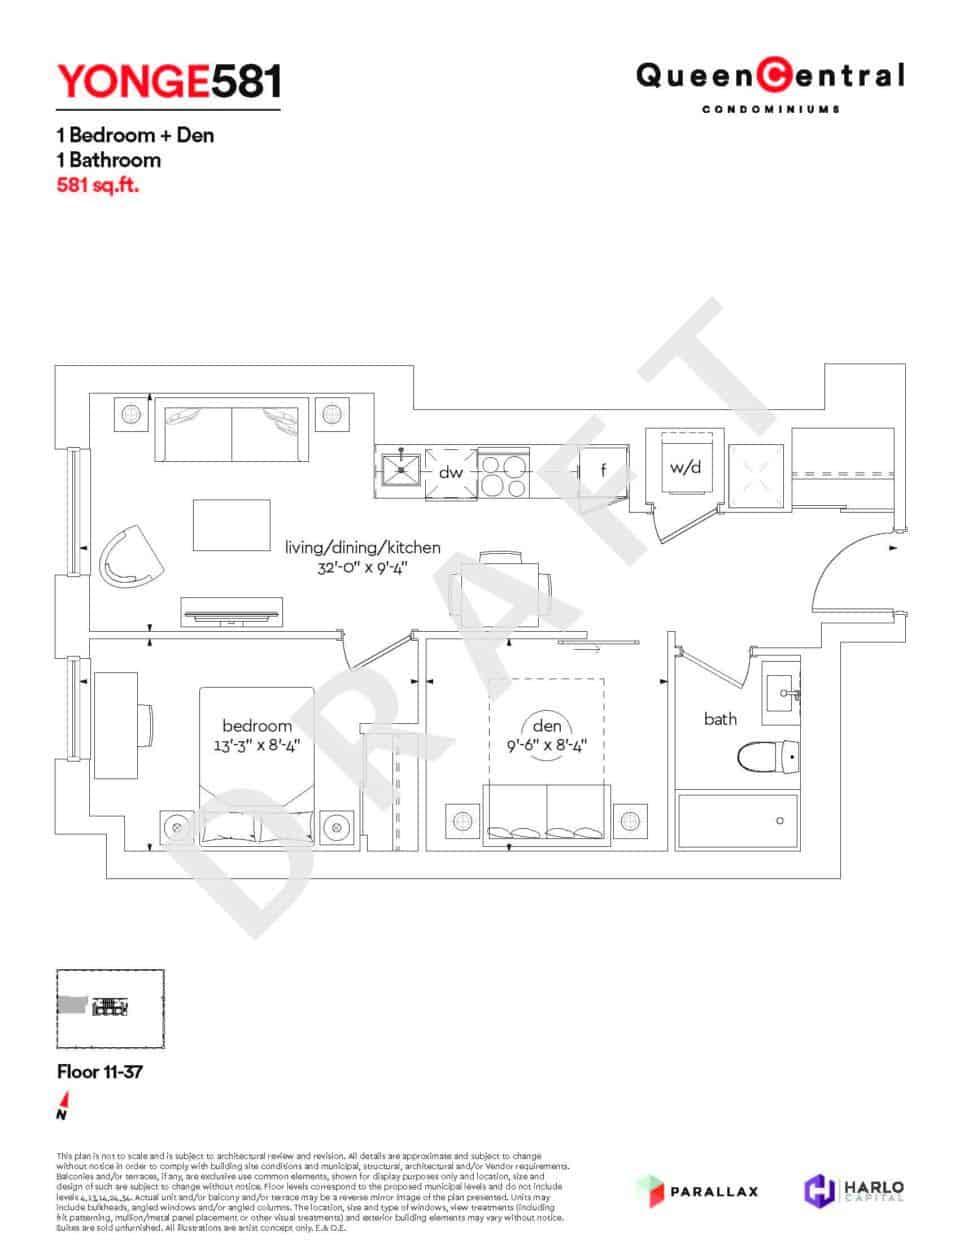 Queen Central Draft Floor Plans YONGE 581